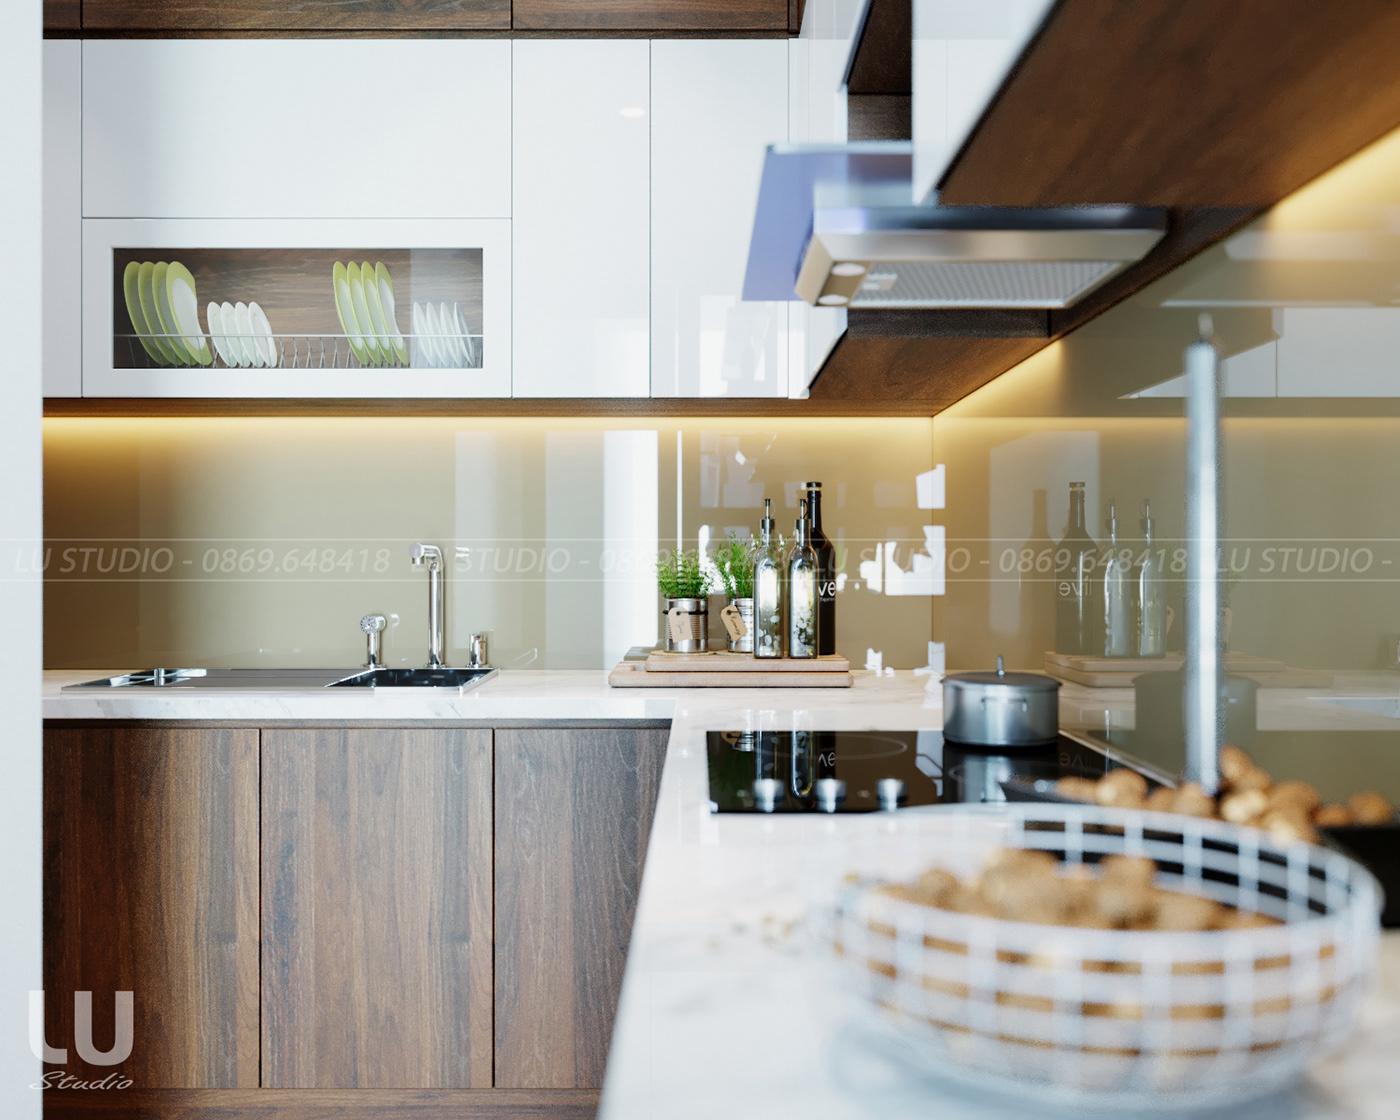 thiết kế nội thất chung cư tại Hà Nội Chung cư Season Avennue Thanh Xuân, Hà Nội 0 1533263507